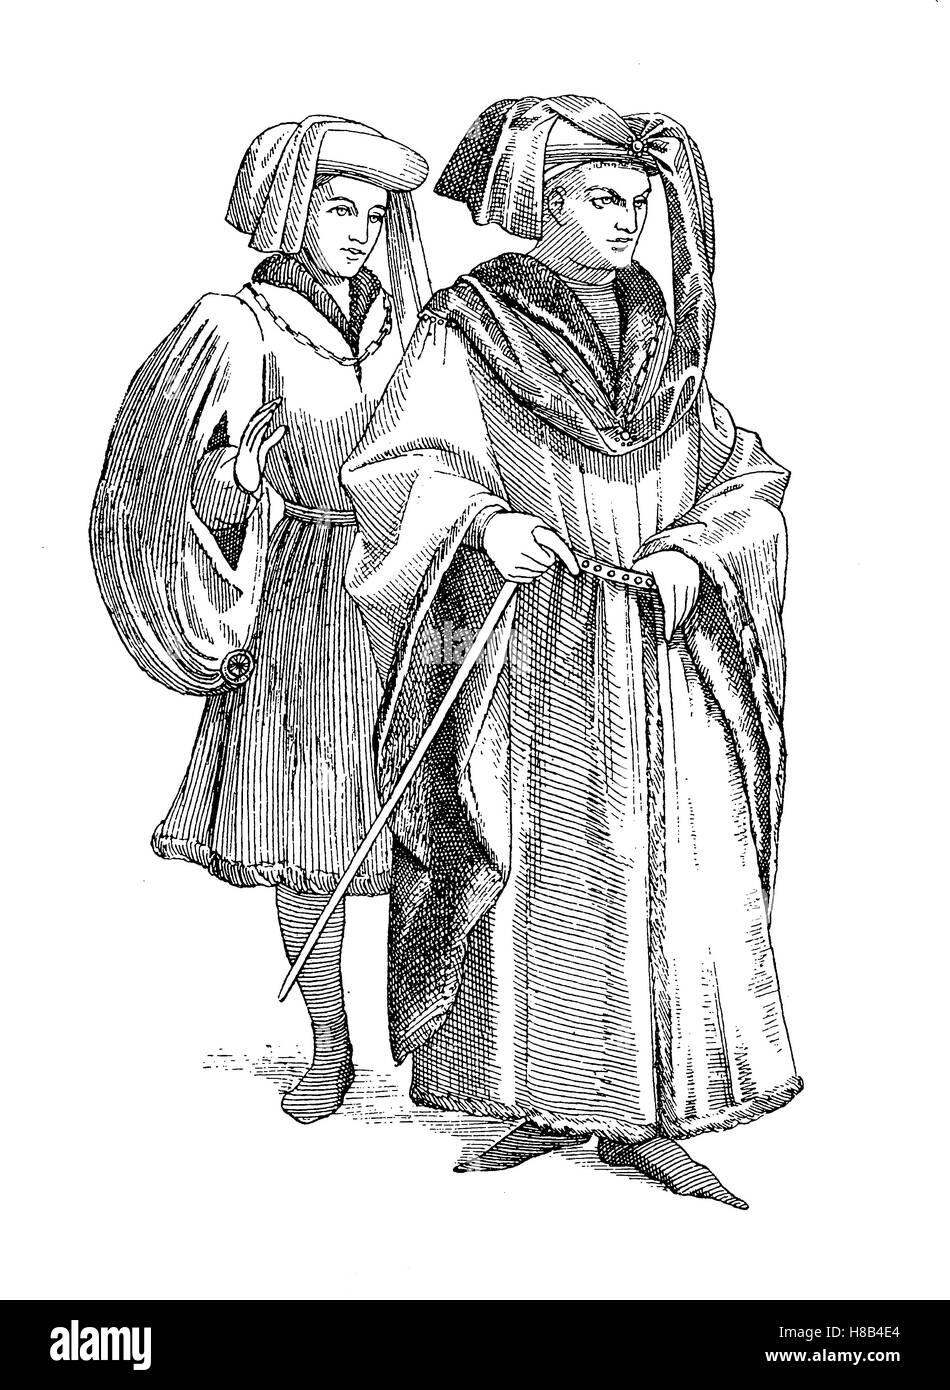 Citoyens français autour de 1430, les chapeaux avec un Sendelbinde, France, histoire de la mode, des costumes Photo Stock